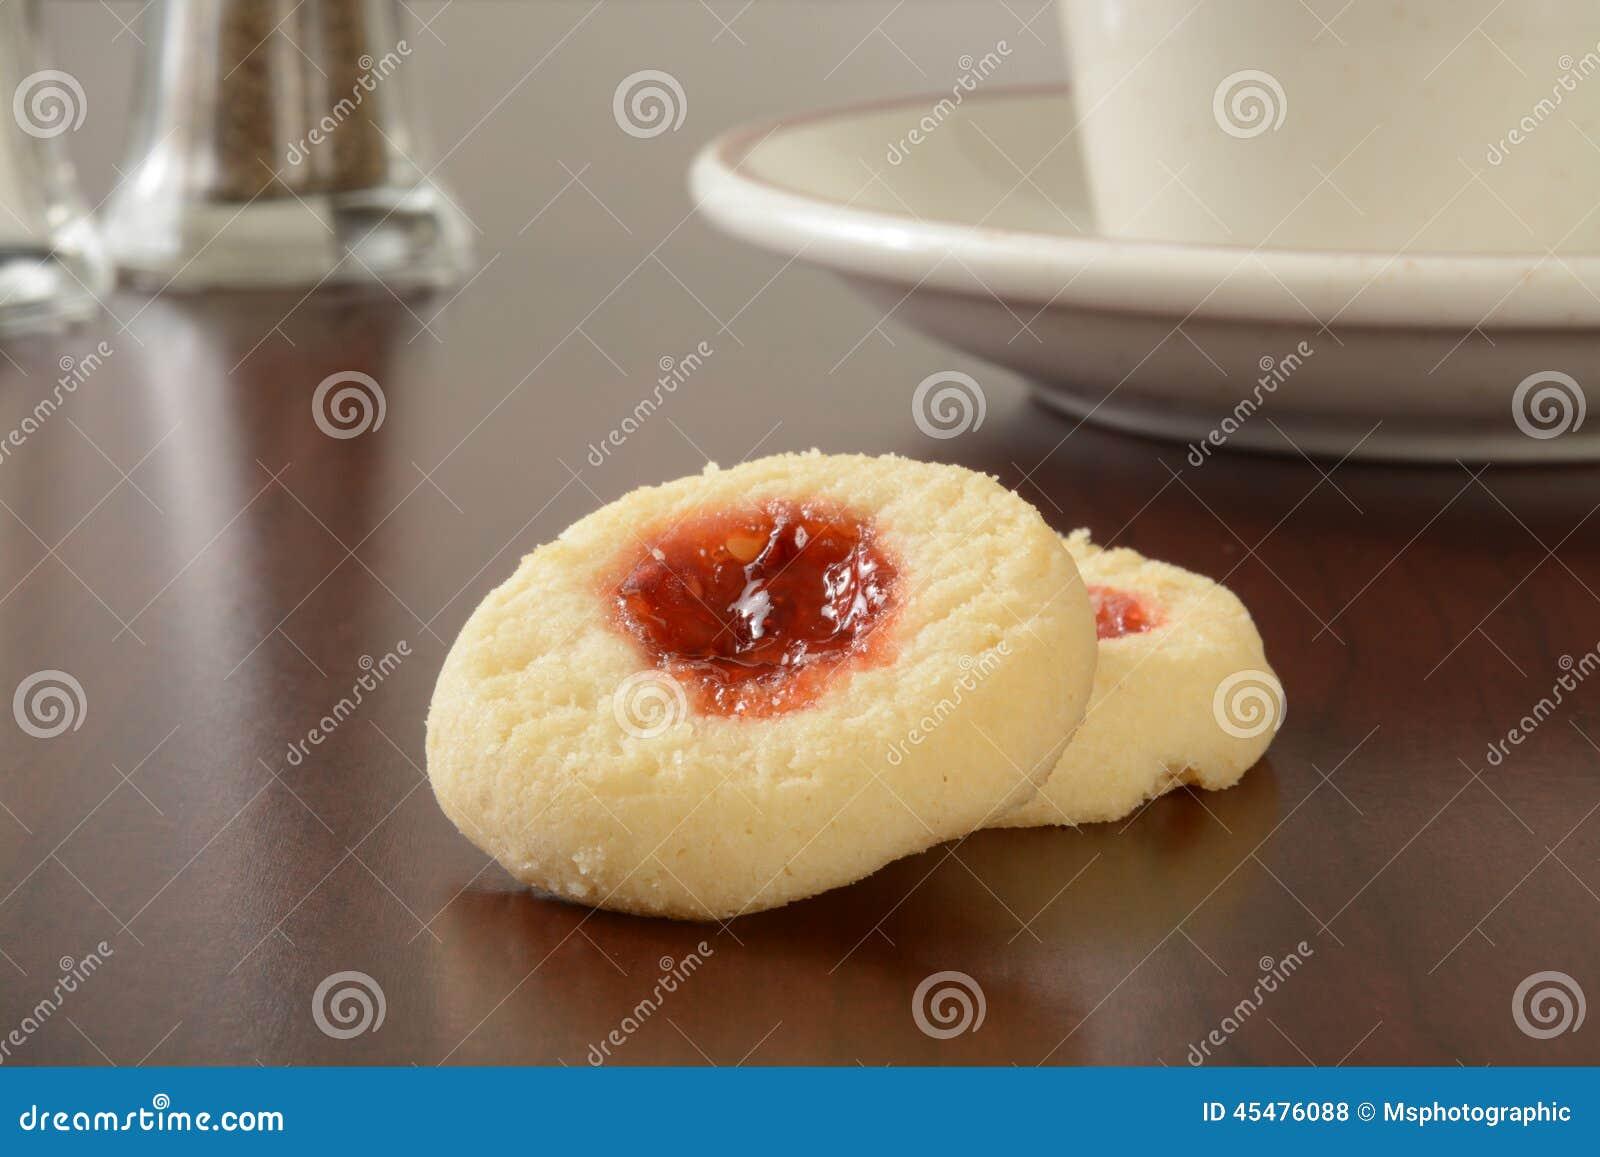 一种油脂含量较高的酥饼用堵塞